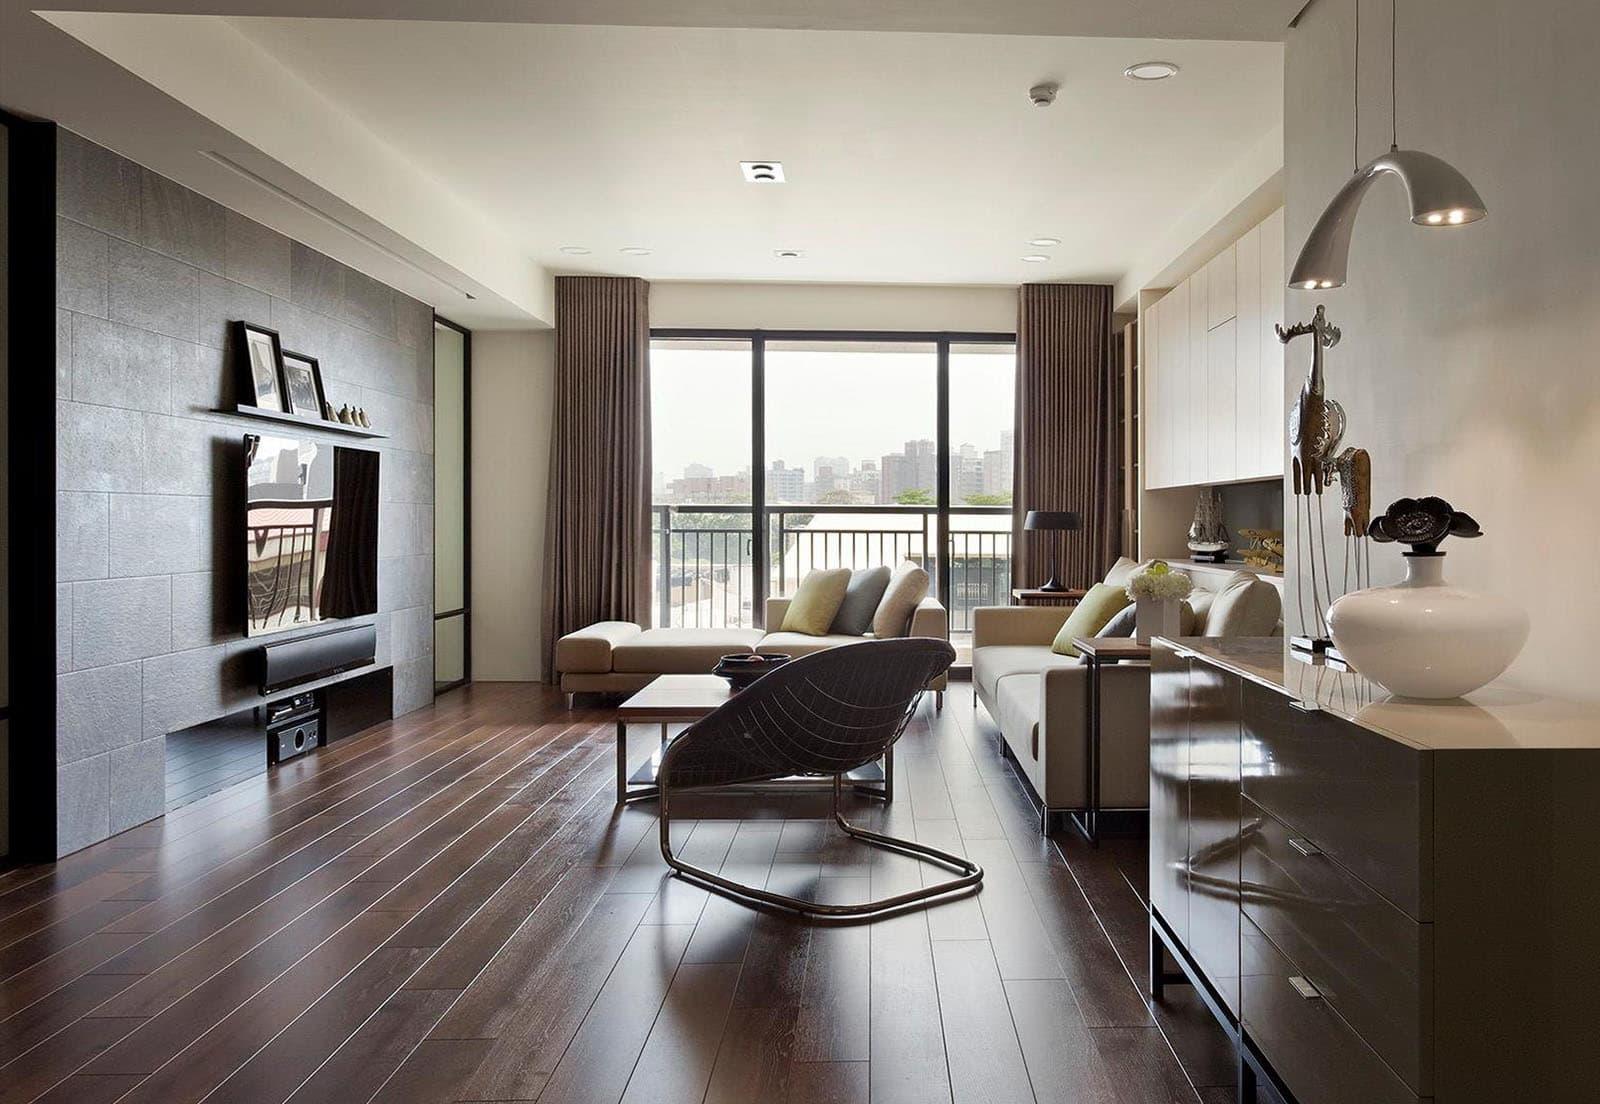 получении очередного коричневый пол фото дизайн квартиры каждый день выкладывает